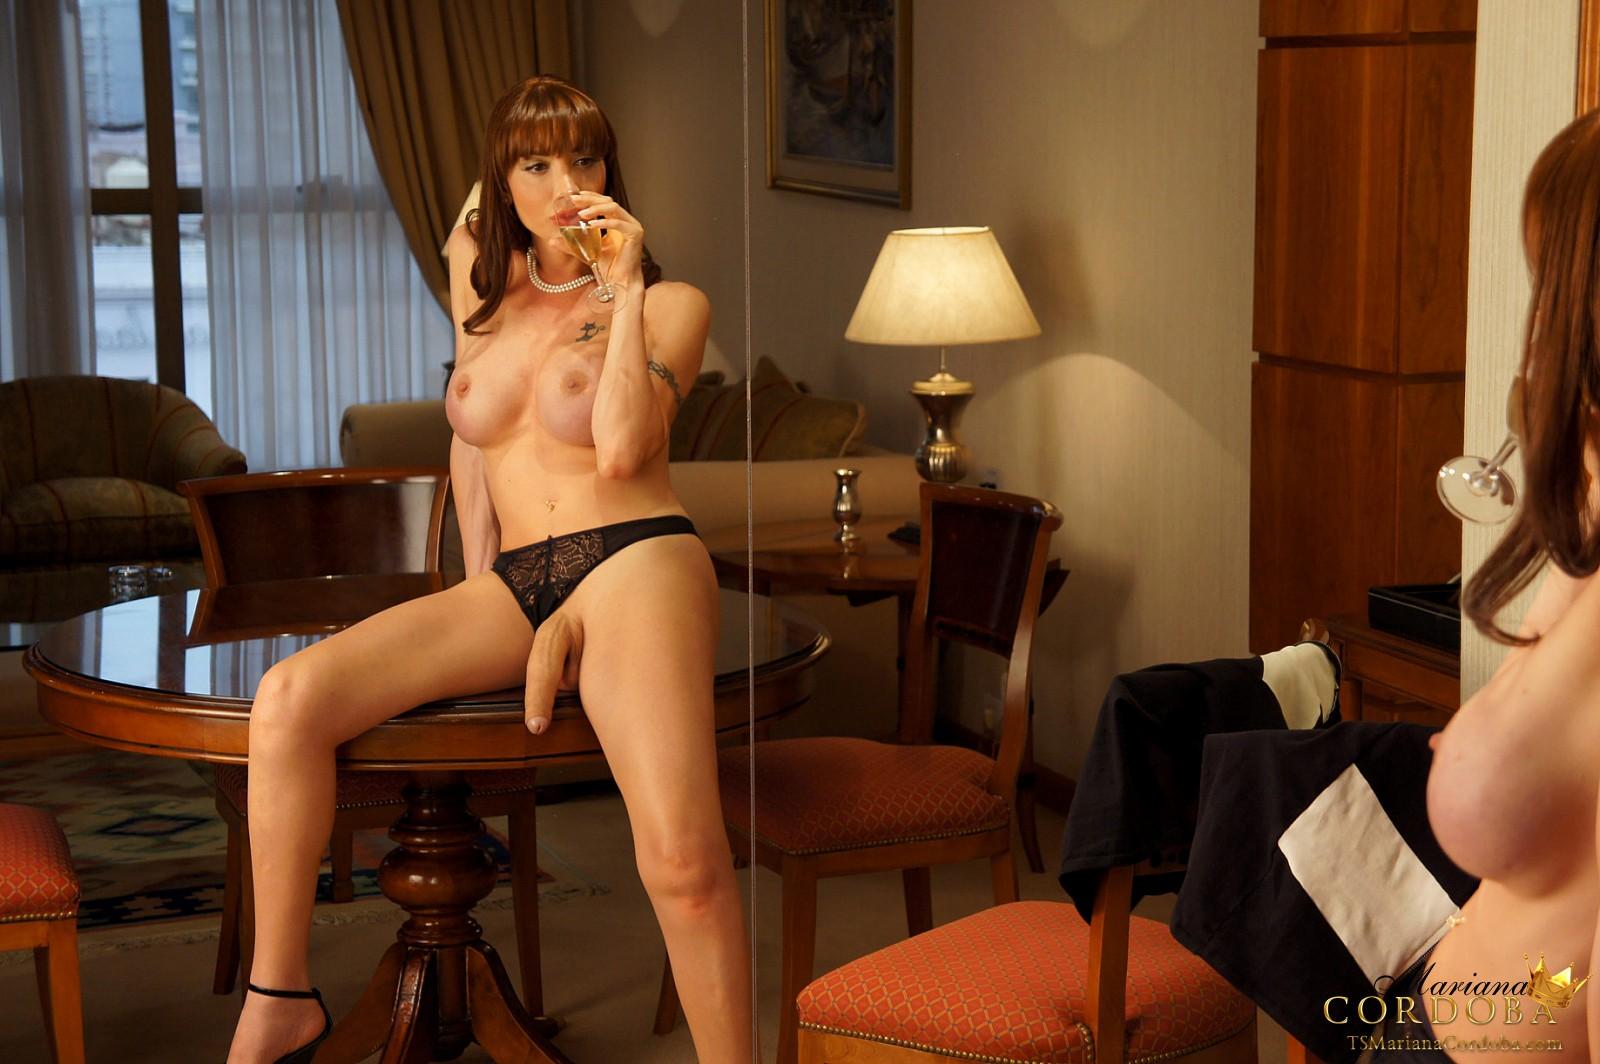 Супер фото порно трансов 10 фотография